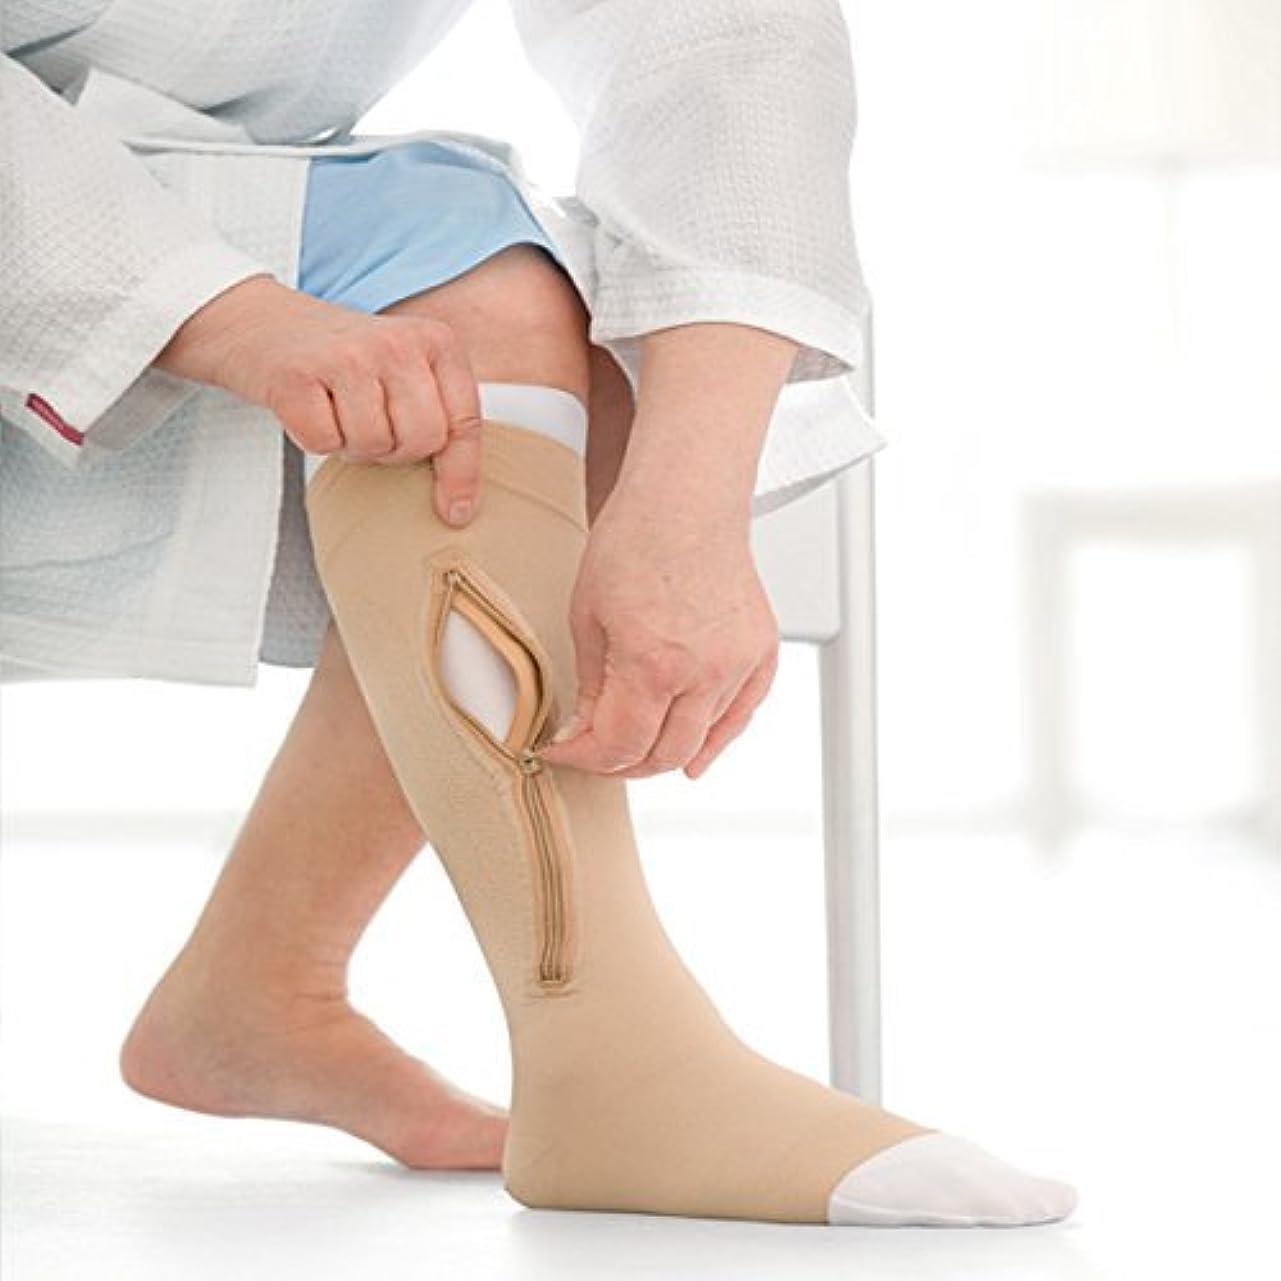 欠伸アラブ鎮痛剤UlcerCare Zippered Unisex Open Toe Knee High Support Sock Size: 4X-Large, Leg: Right by Jobst